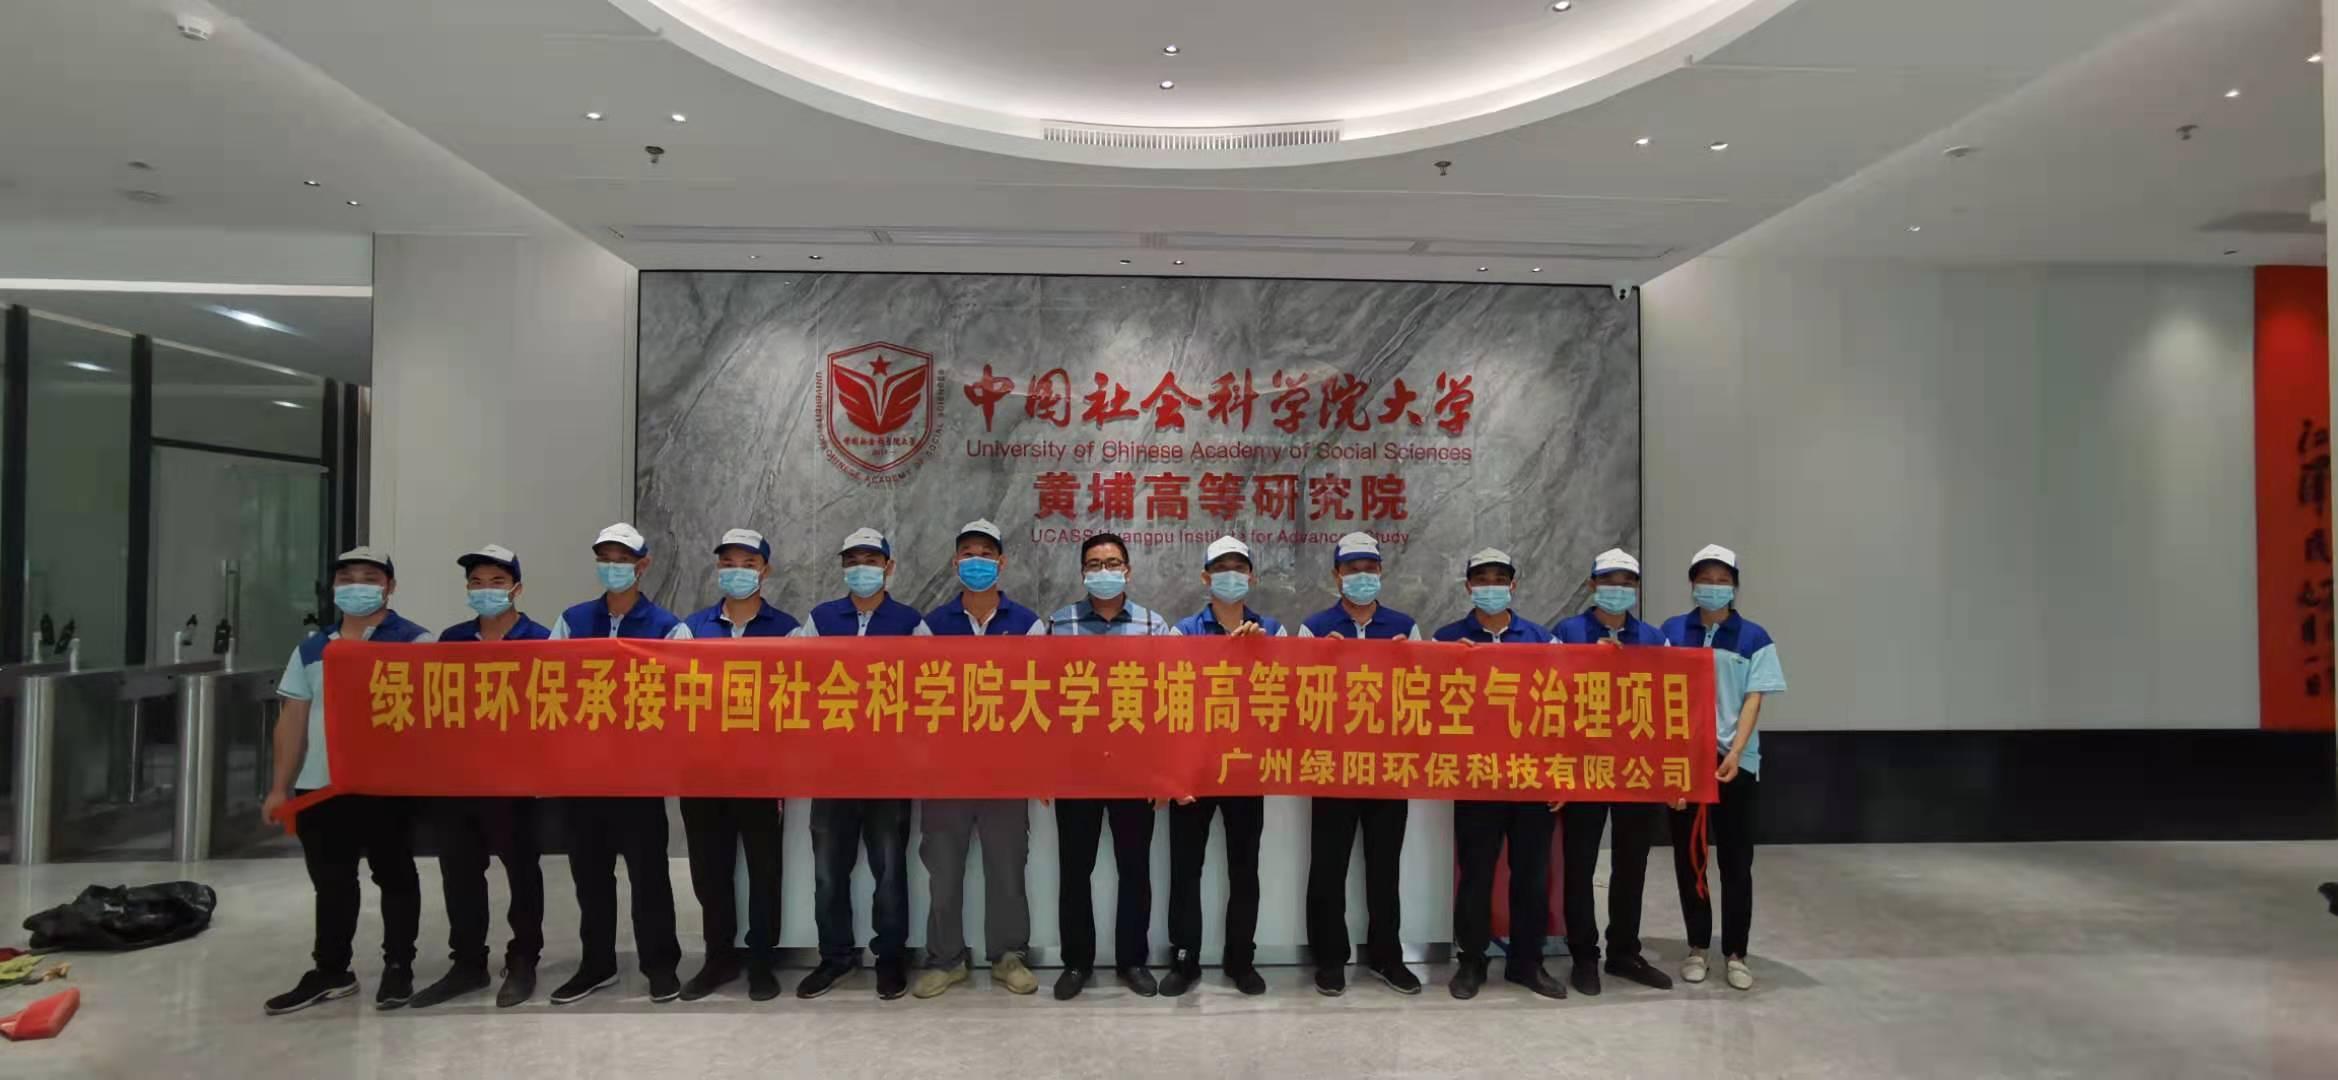 中國社會科學院大學黃埔研究院除甲醛